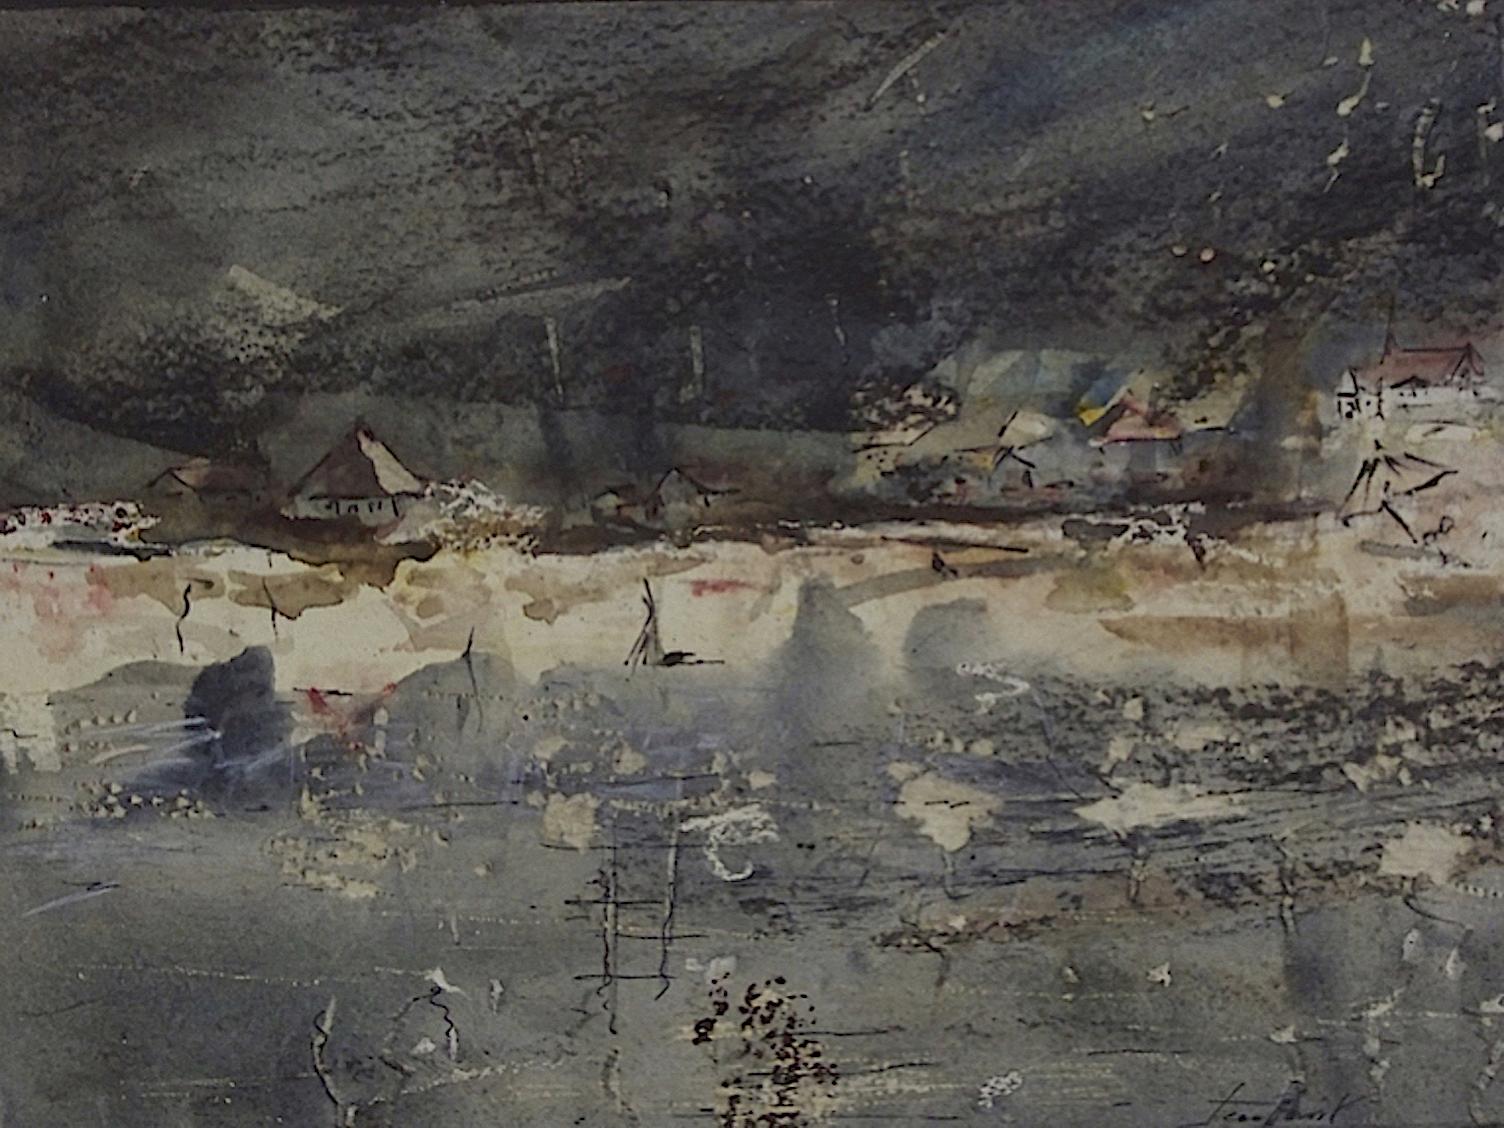 Paysage de Bretagne II. 2007. Technique mixte, marouflé sur panneau de bois, 24 x 32 cm.